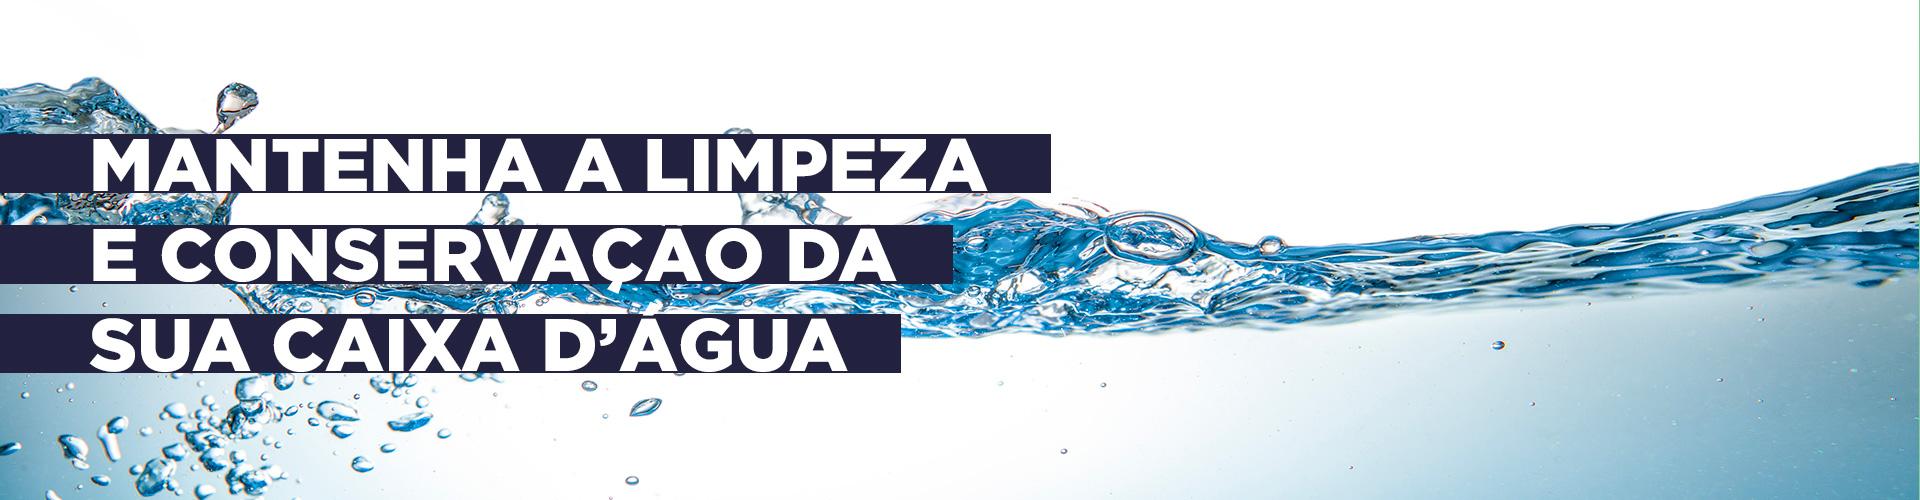 imagem de água cristalina - texto: mantenha a limpeza e conservação da sua caixa d'água